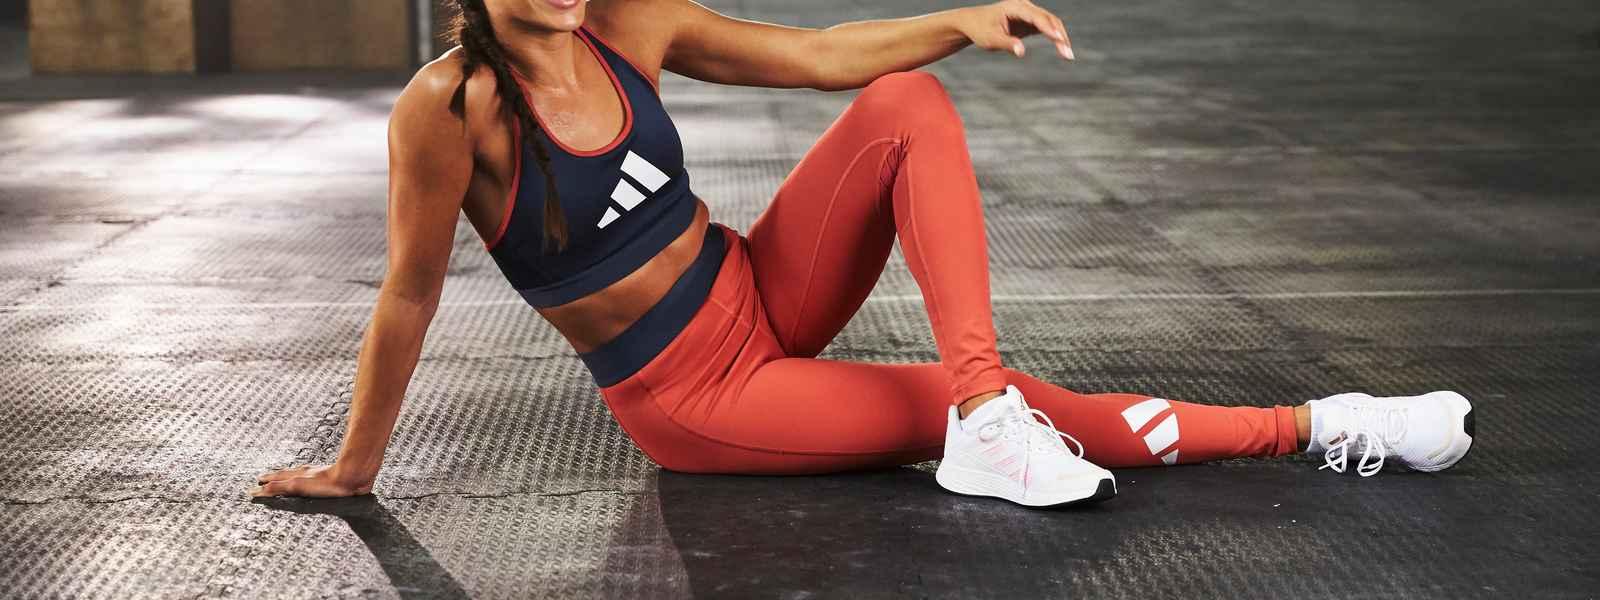 Fitnesshosen